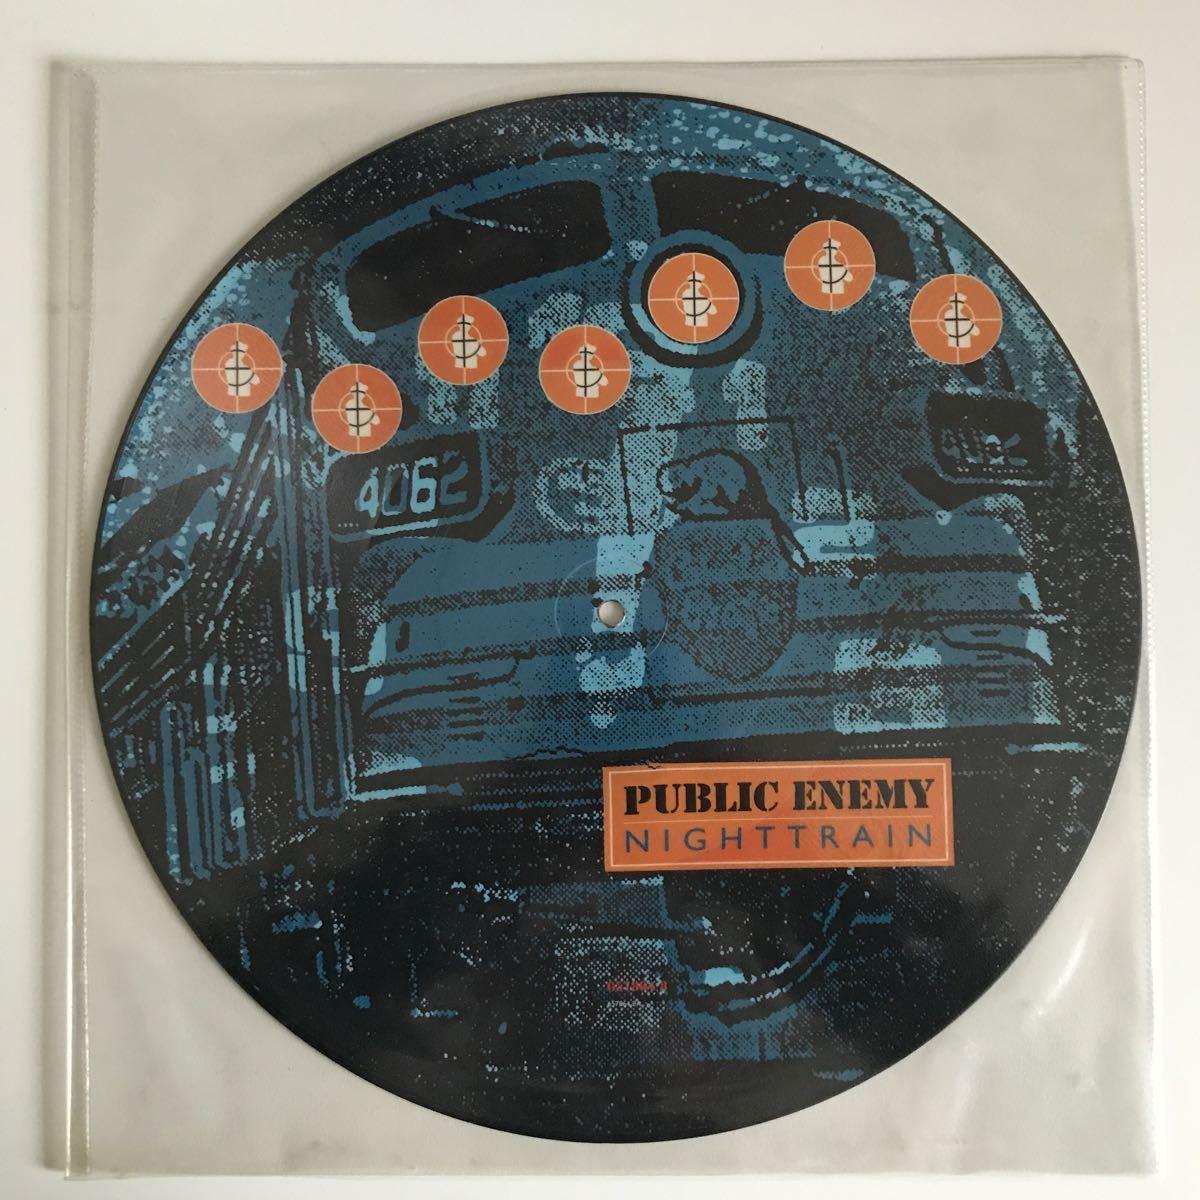 Public Enemy - Nighttrain【UK Orig.】【オリジナル】【Pete Rock】【限定ピクチャー盤】【James Brown/Blood, Sweat & Tearsネタ】_画像1